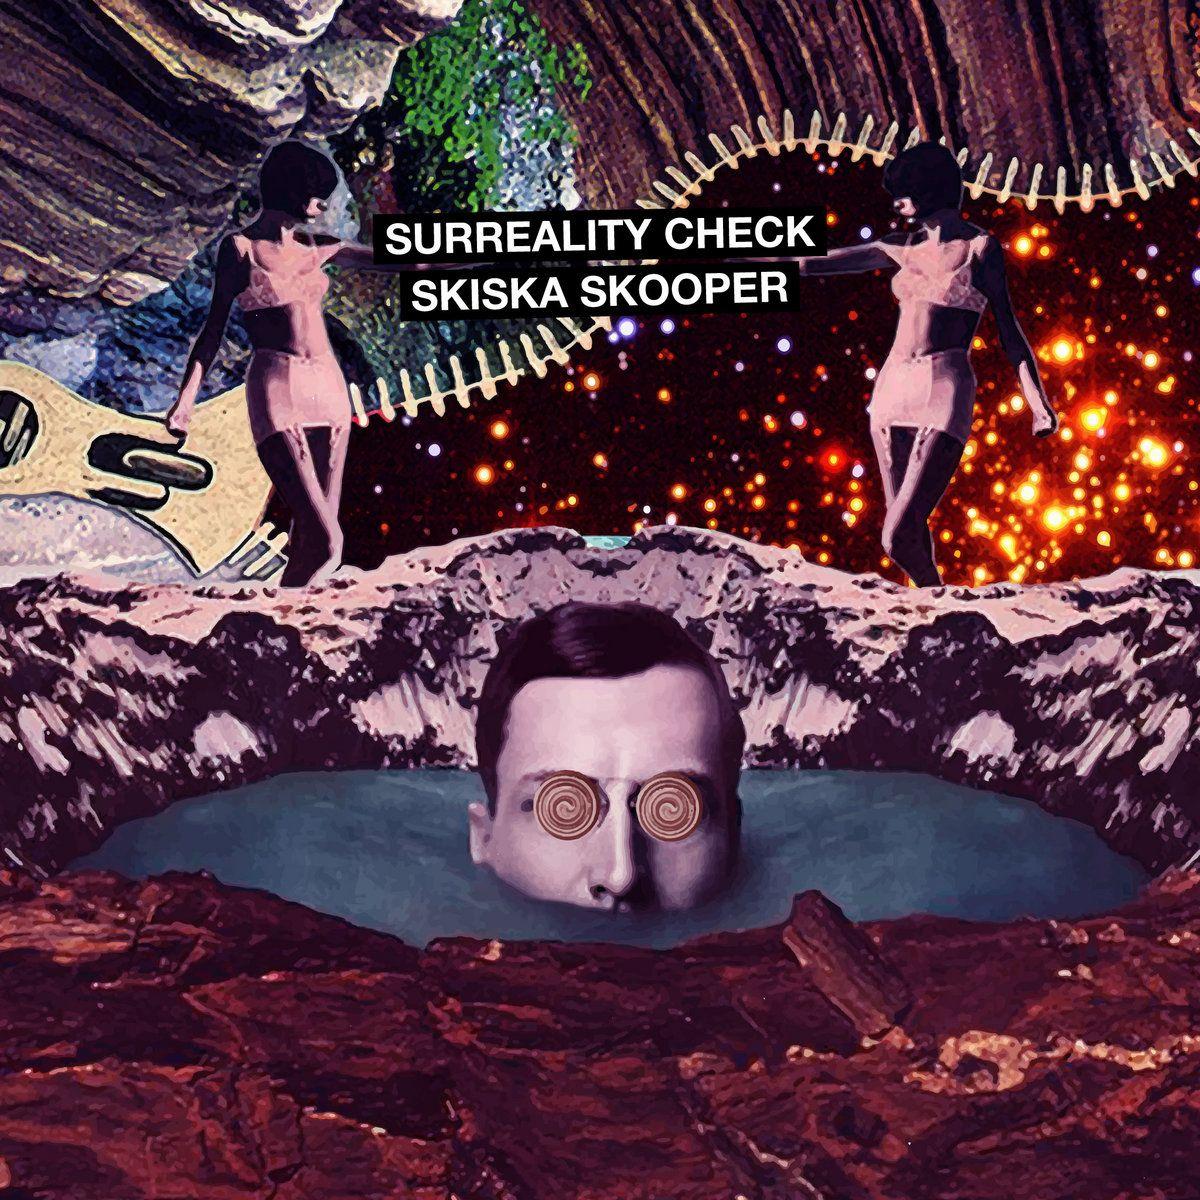 Surreality Check